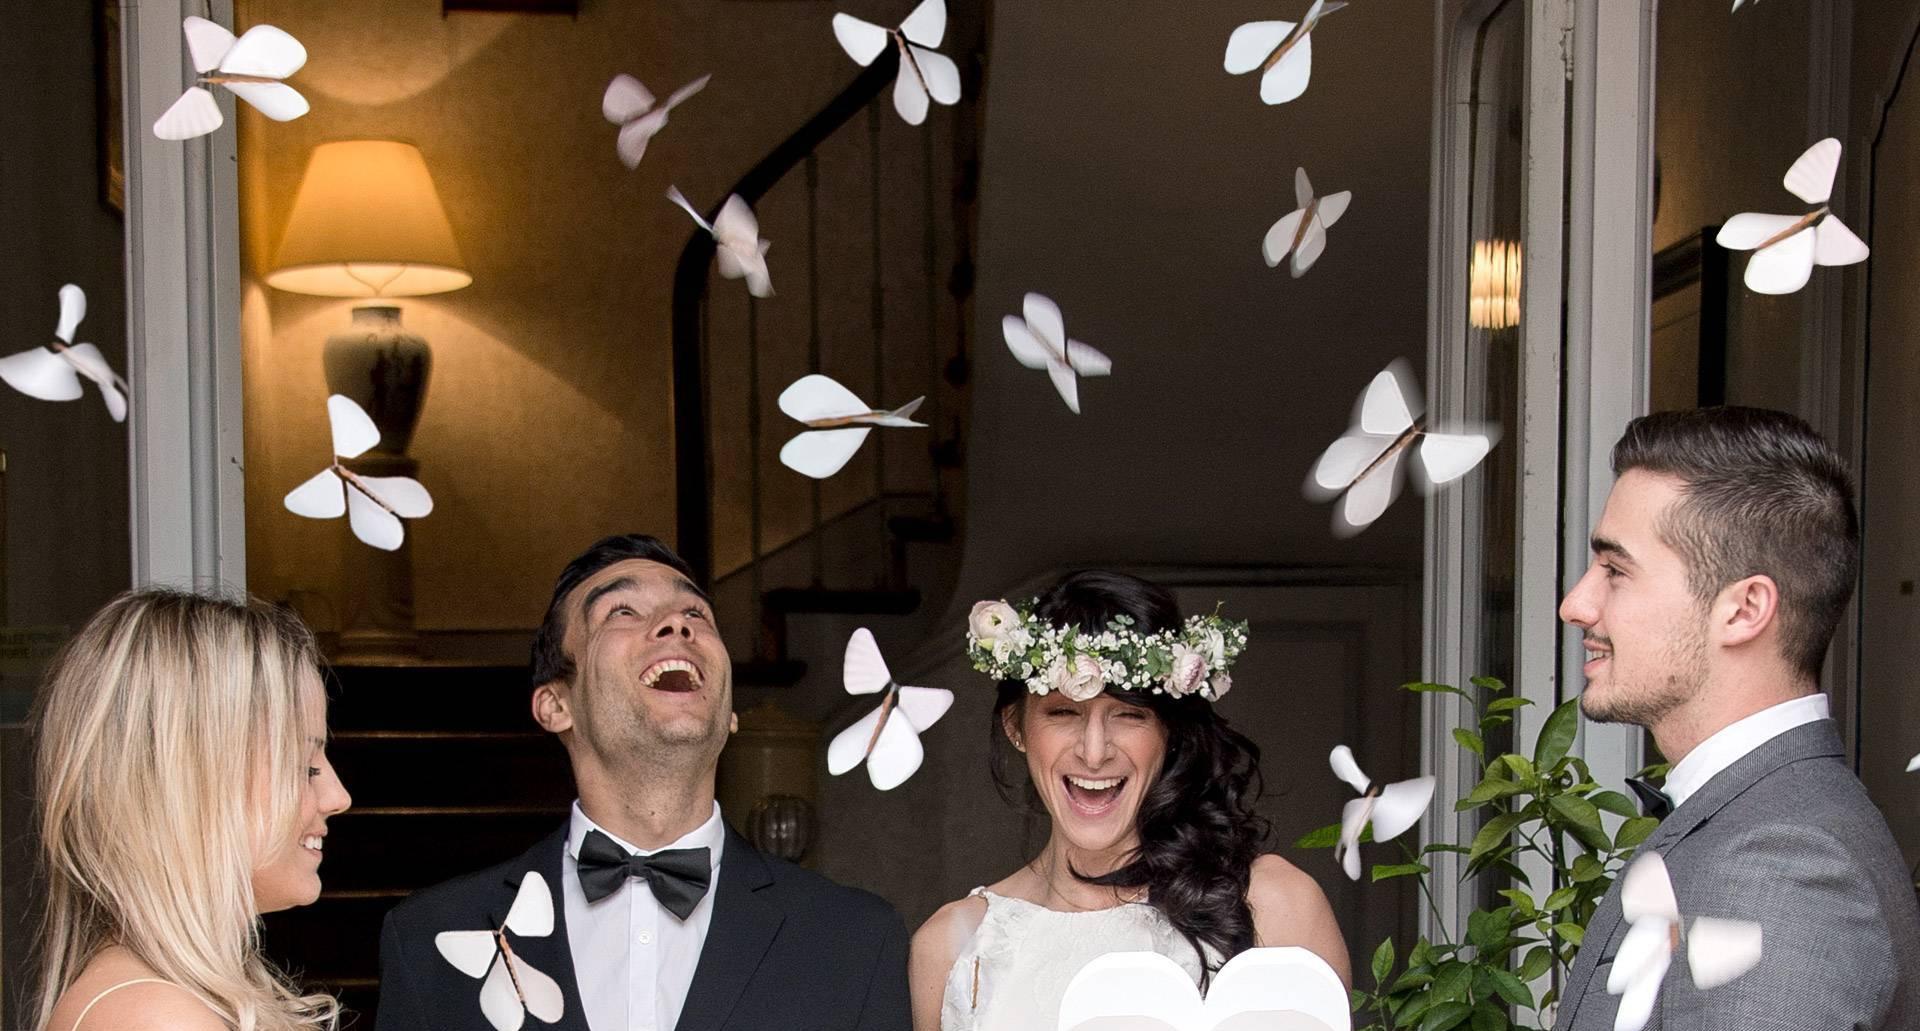 Friends loving the flying butterflies